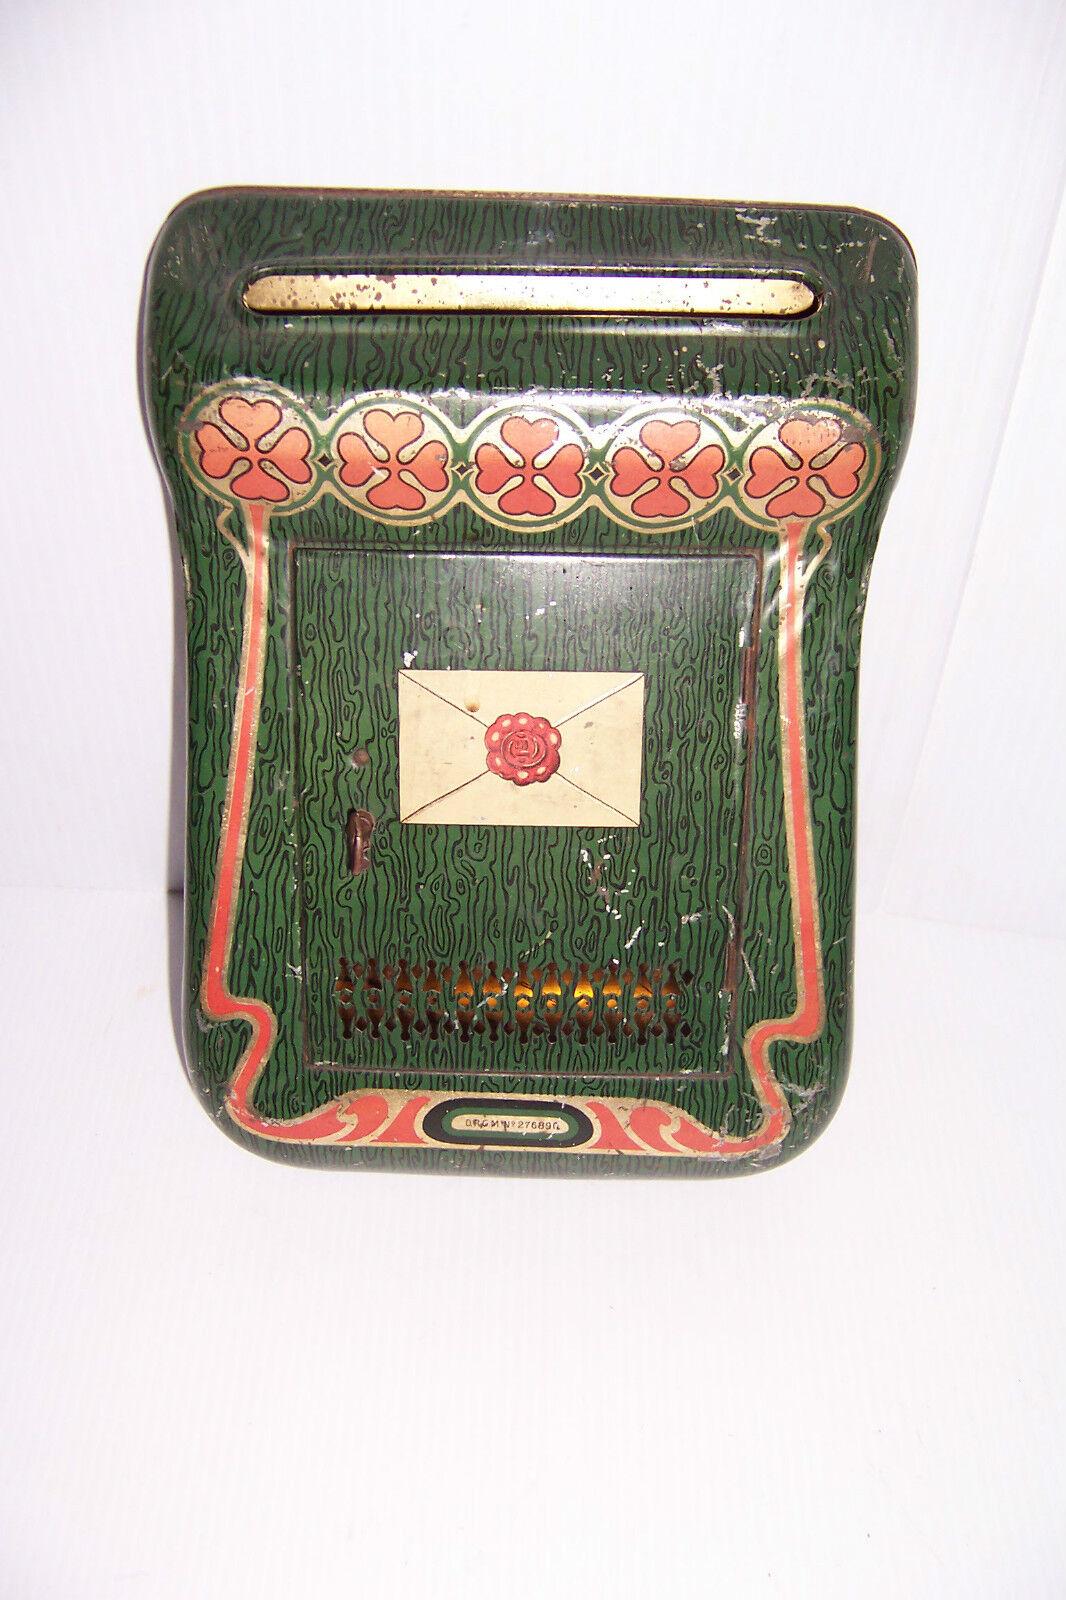 Vintage de estaño de juguete de buzones de correo Drgm No. 276890 Con Clave